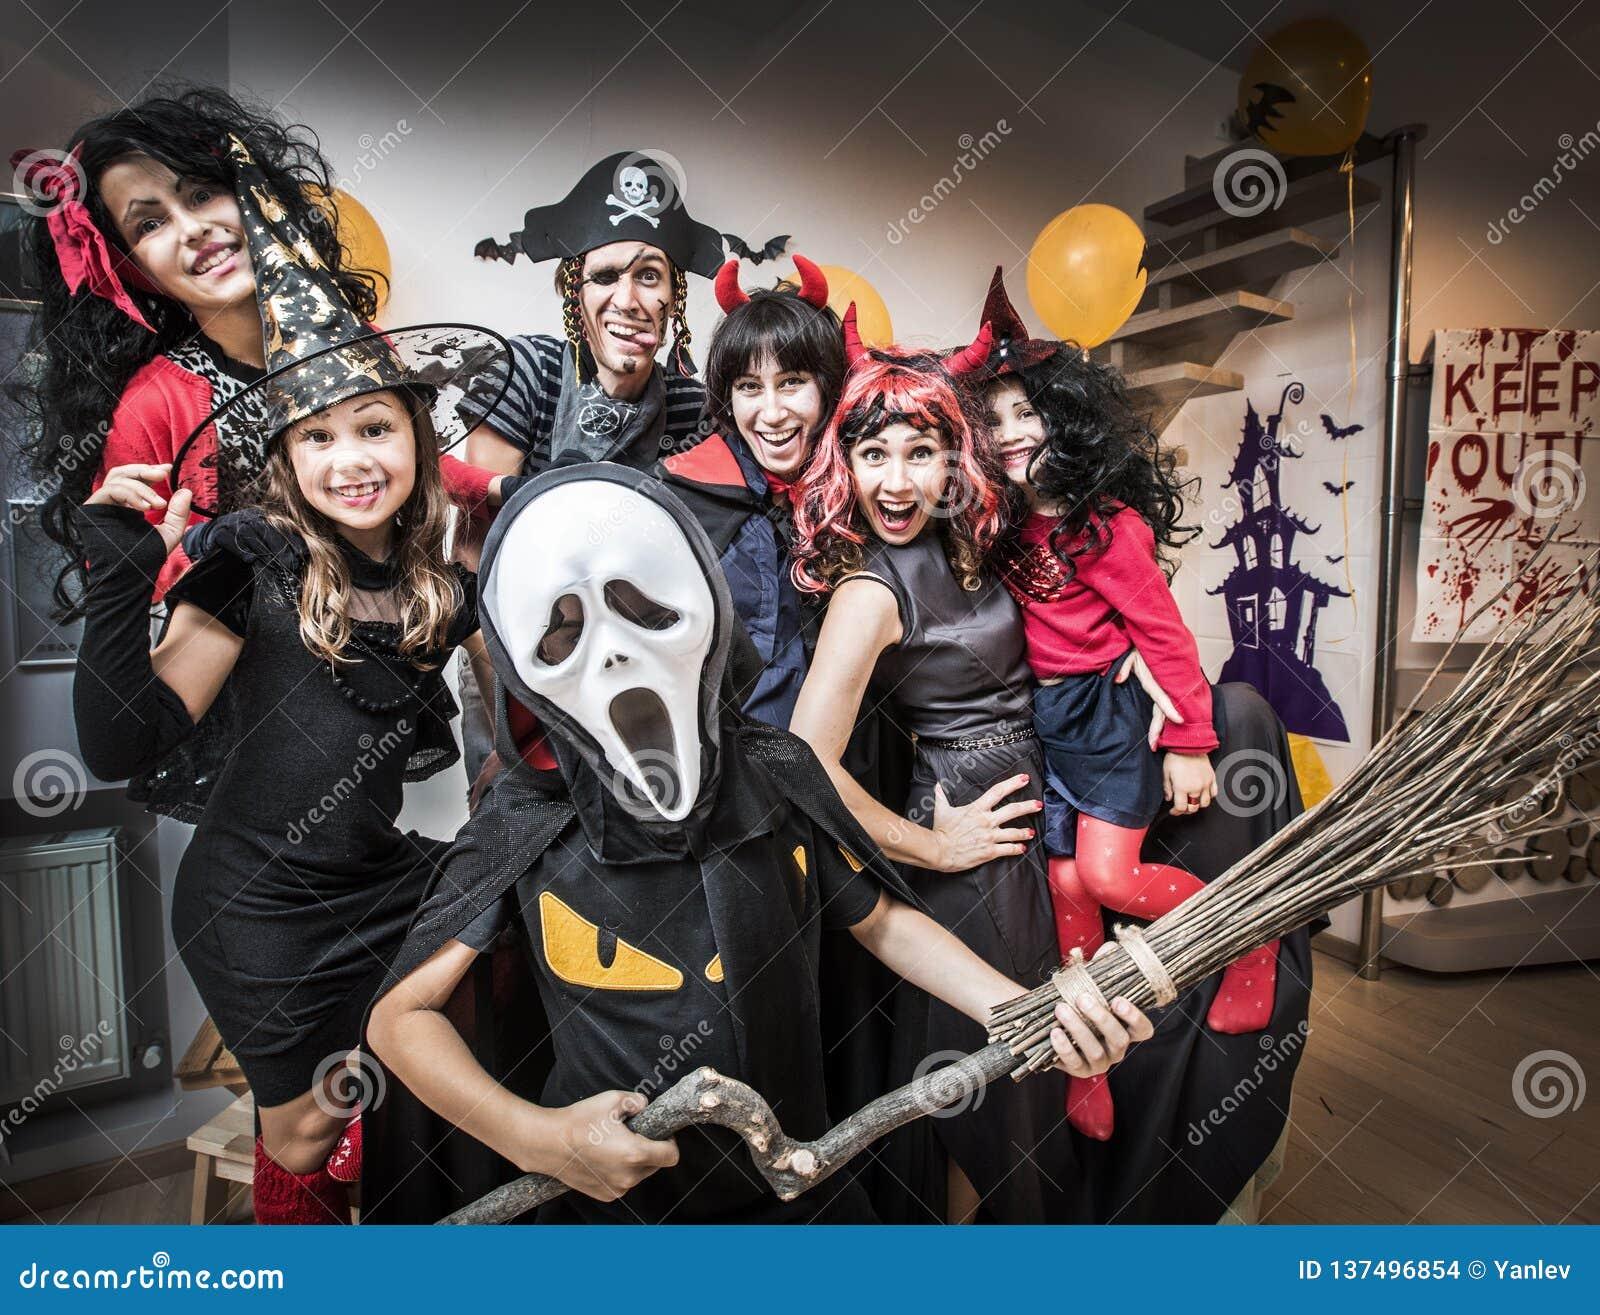 Familia grande en disfraces de Halloween